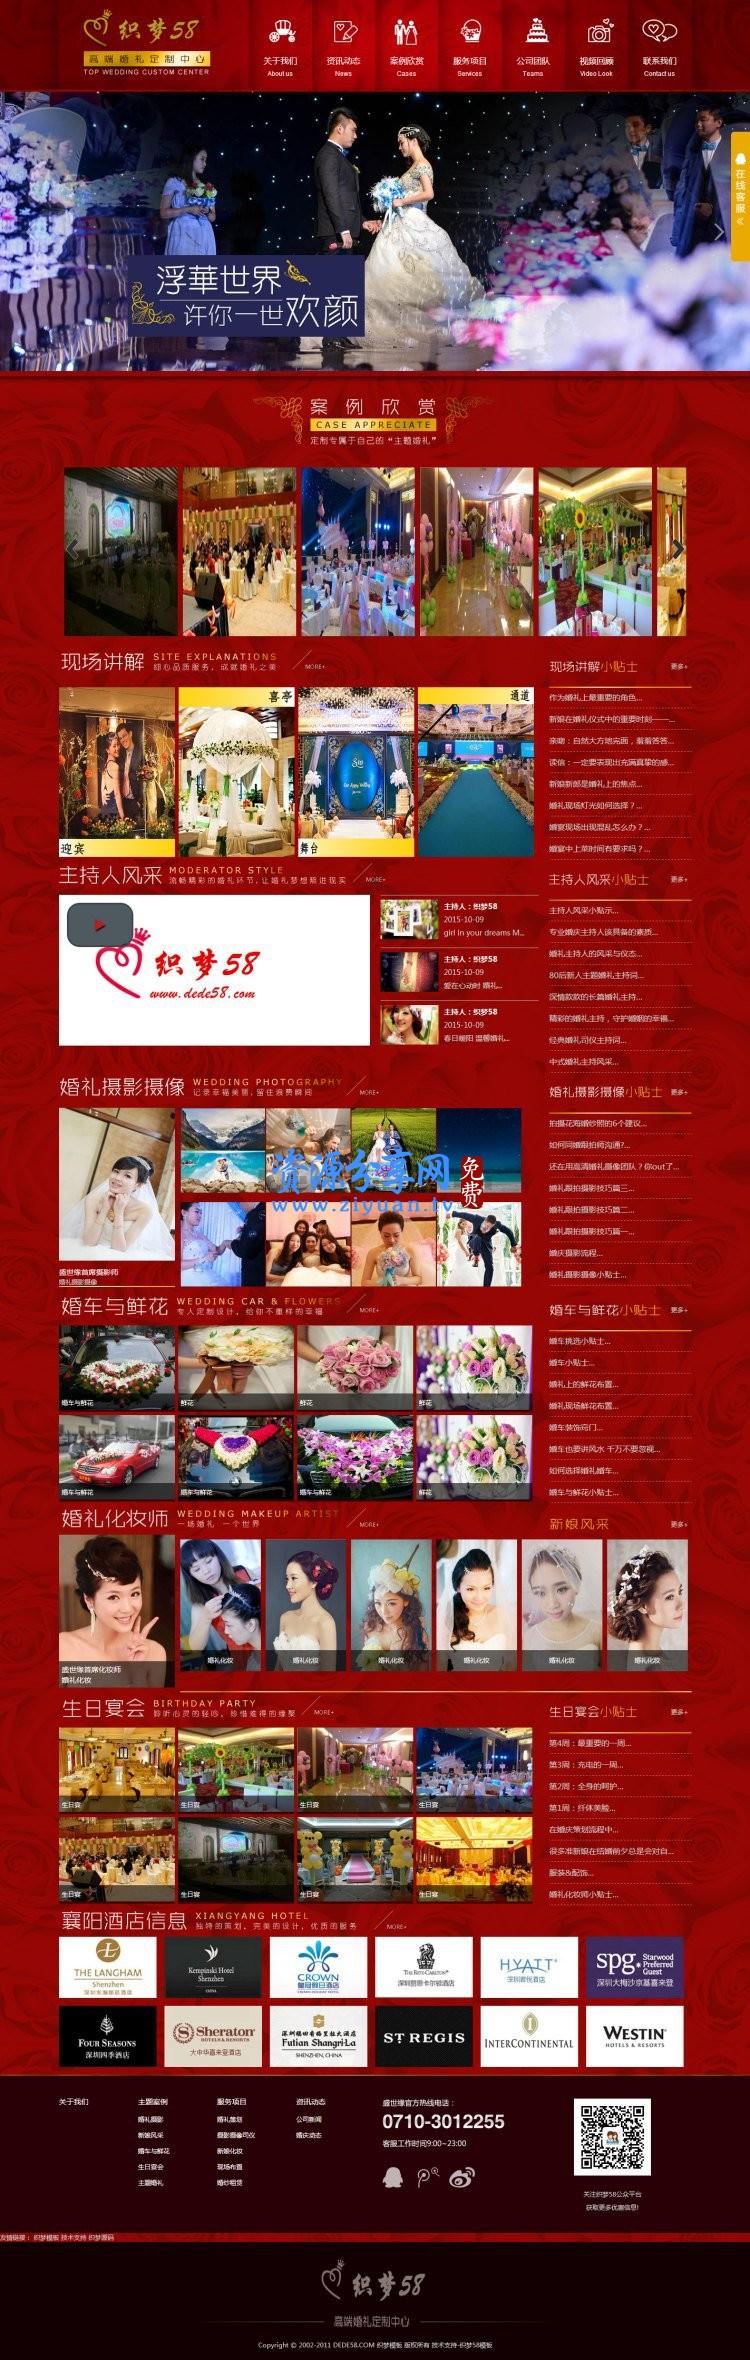 婚庆婚礼策划公司网站织梦模板